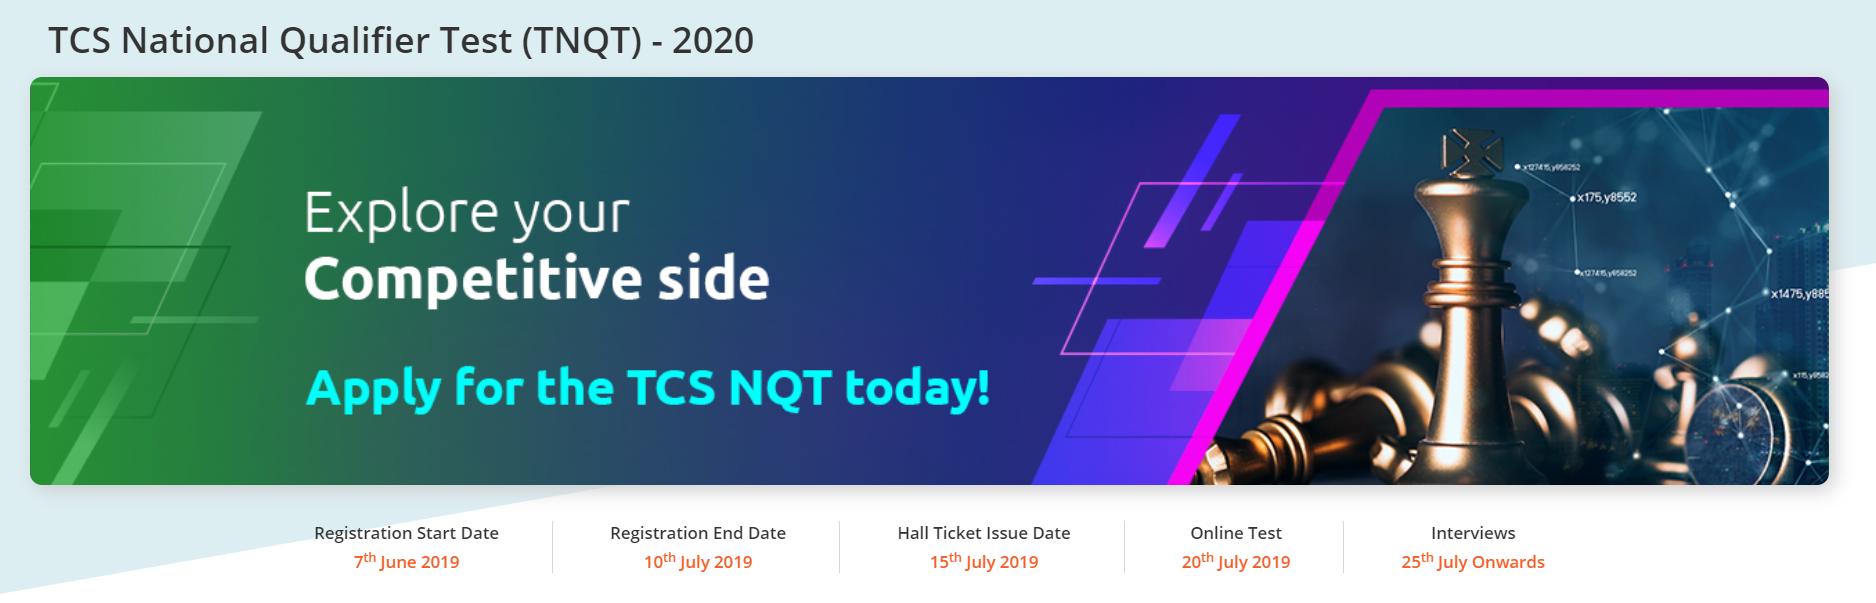 tcs nqt hiring for 2020 passouts